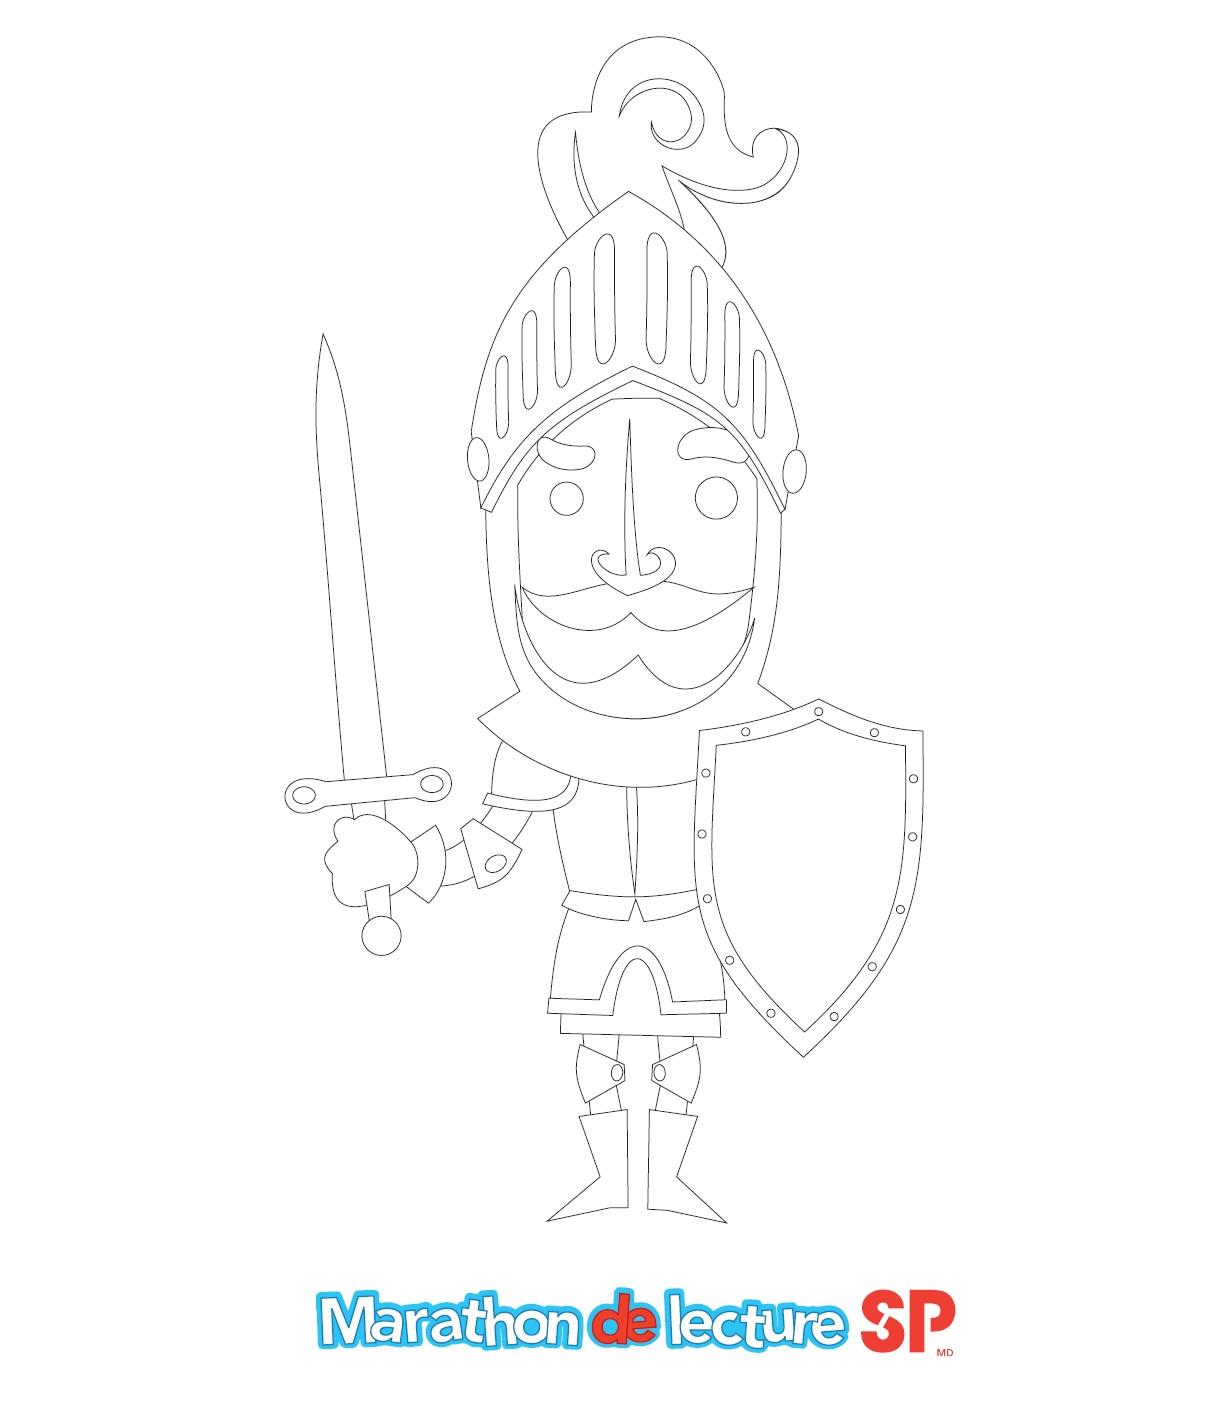 Sir Litbeaucoup - Image à colorier